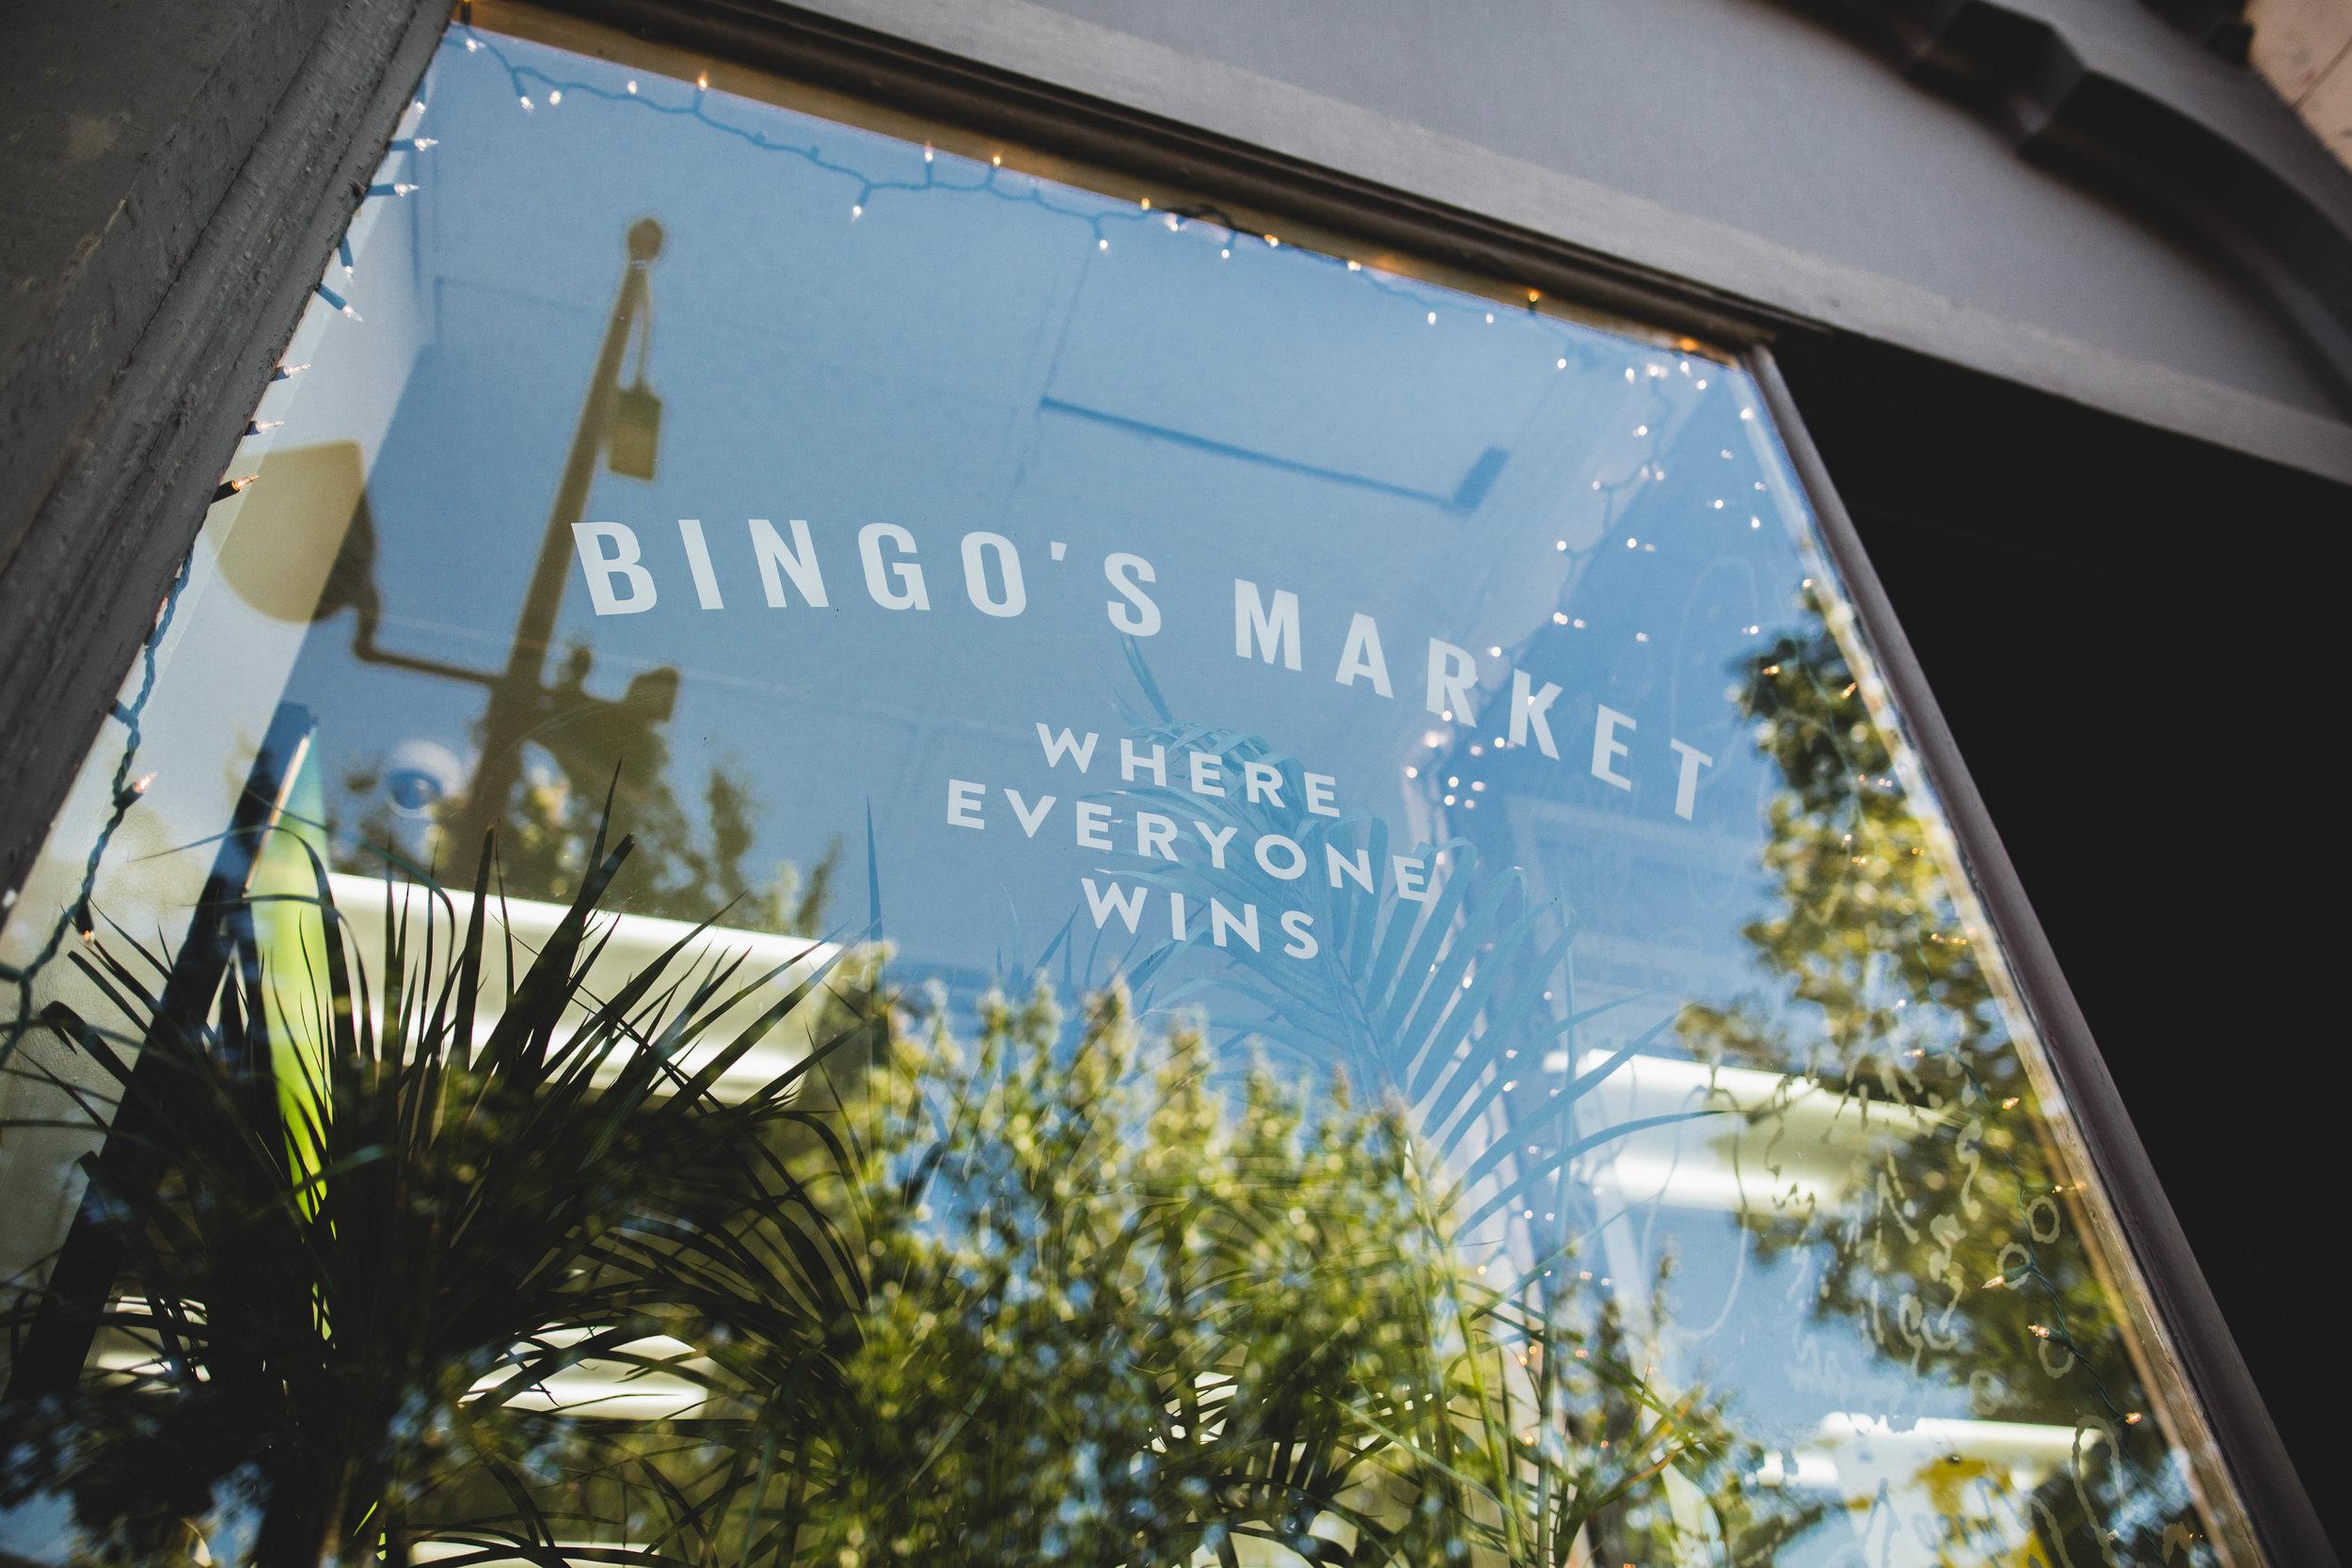 bingo-7.jpg